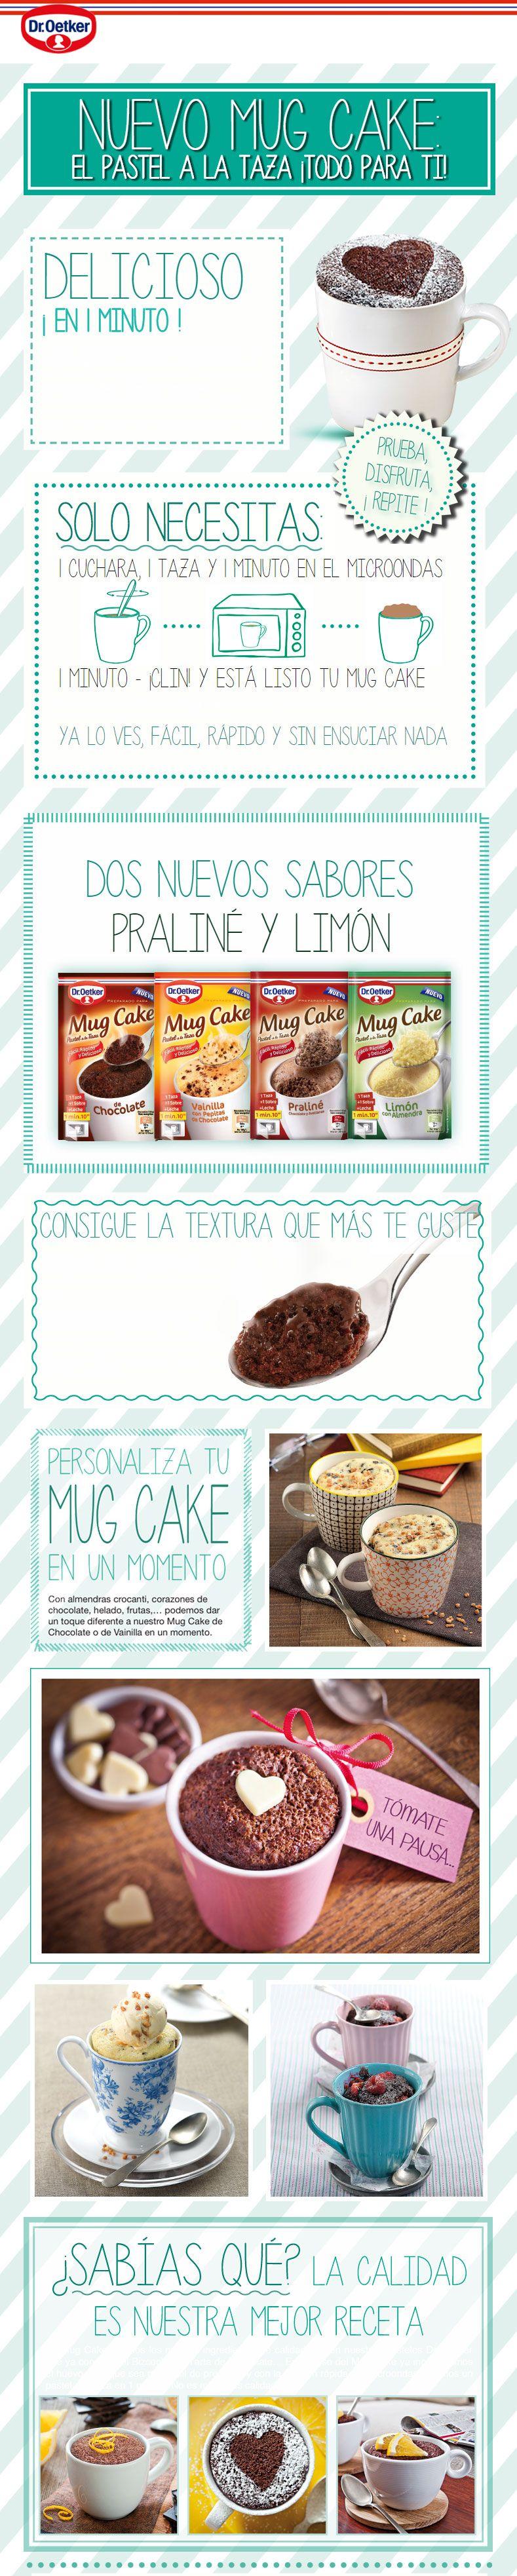 Inforgrafía de Cómo preparar tu Mug Cake de Dr.Oetker